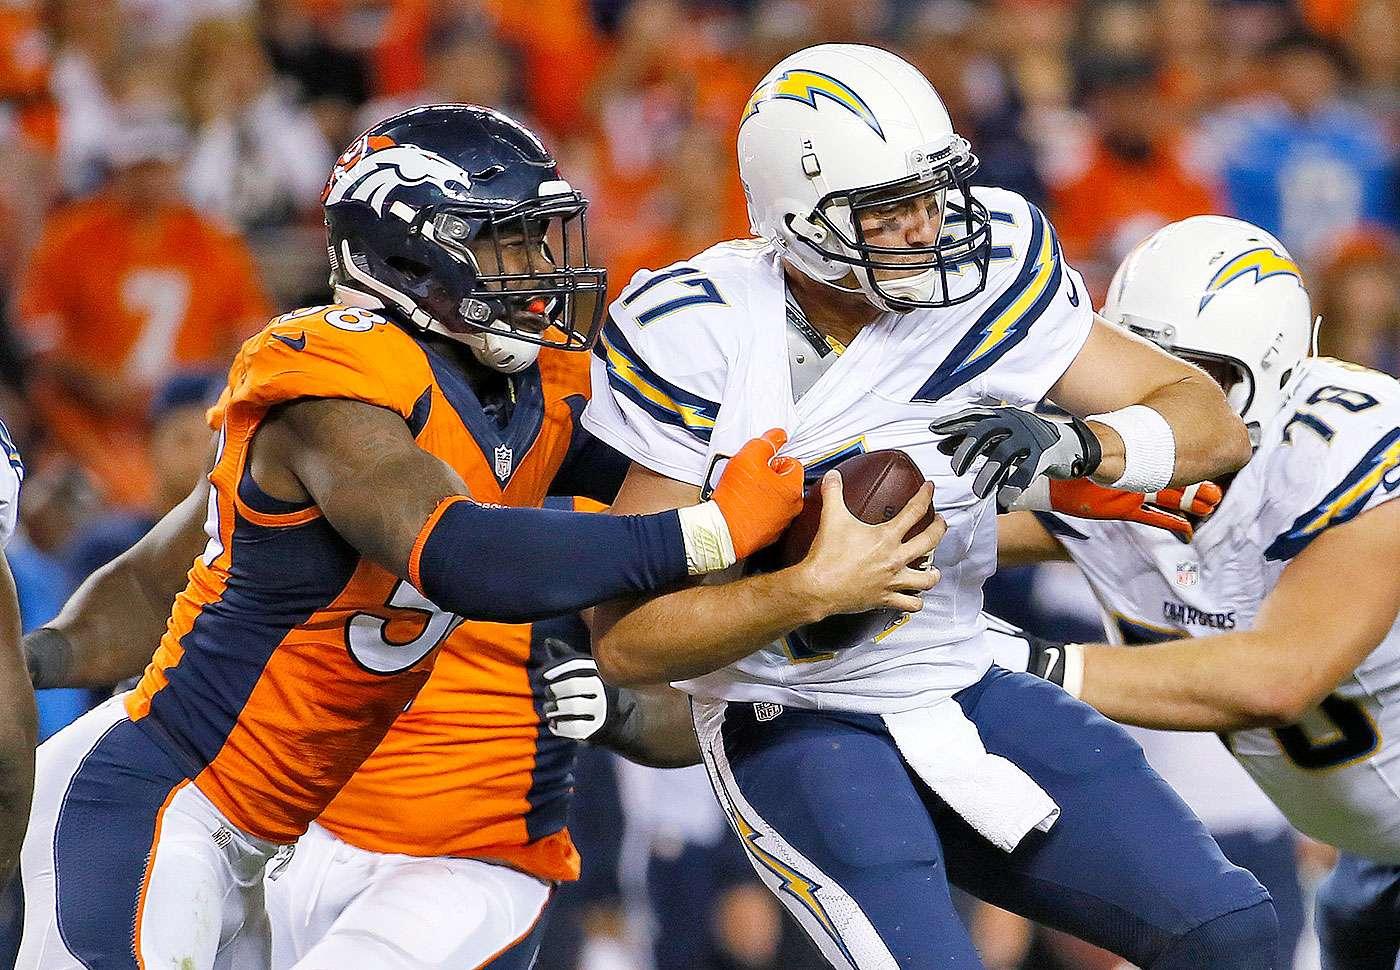 Peyton Manning y Emmanuel Sanders conectaron para tres touchdowns en la victoria por 35-21 de los Denver Broncos sobre los San Diego Chargers en el inicio de la semana 8 de la NFL. Foto: AP